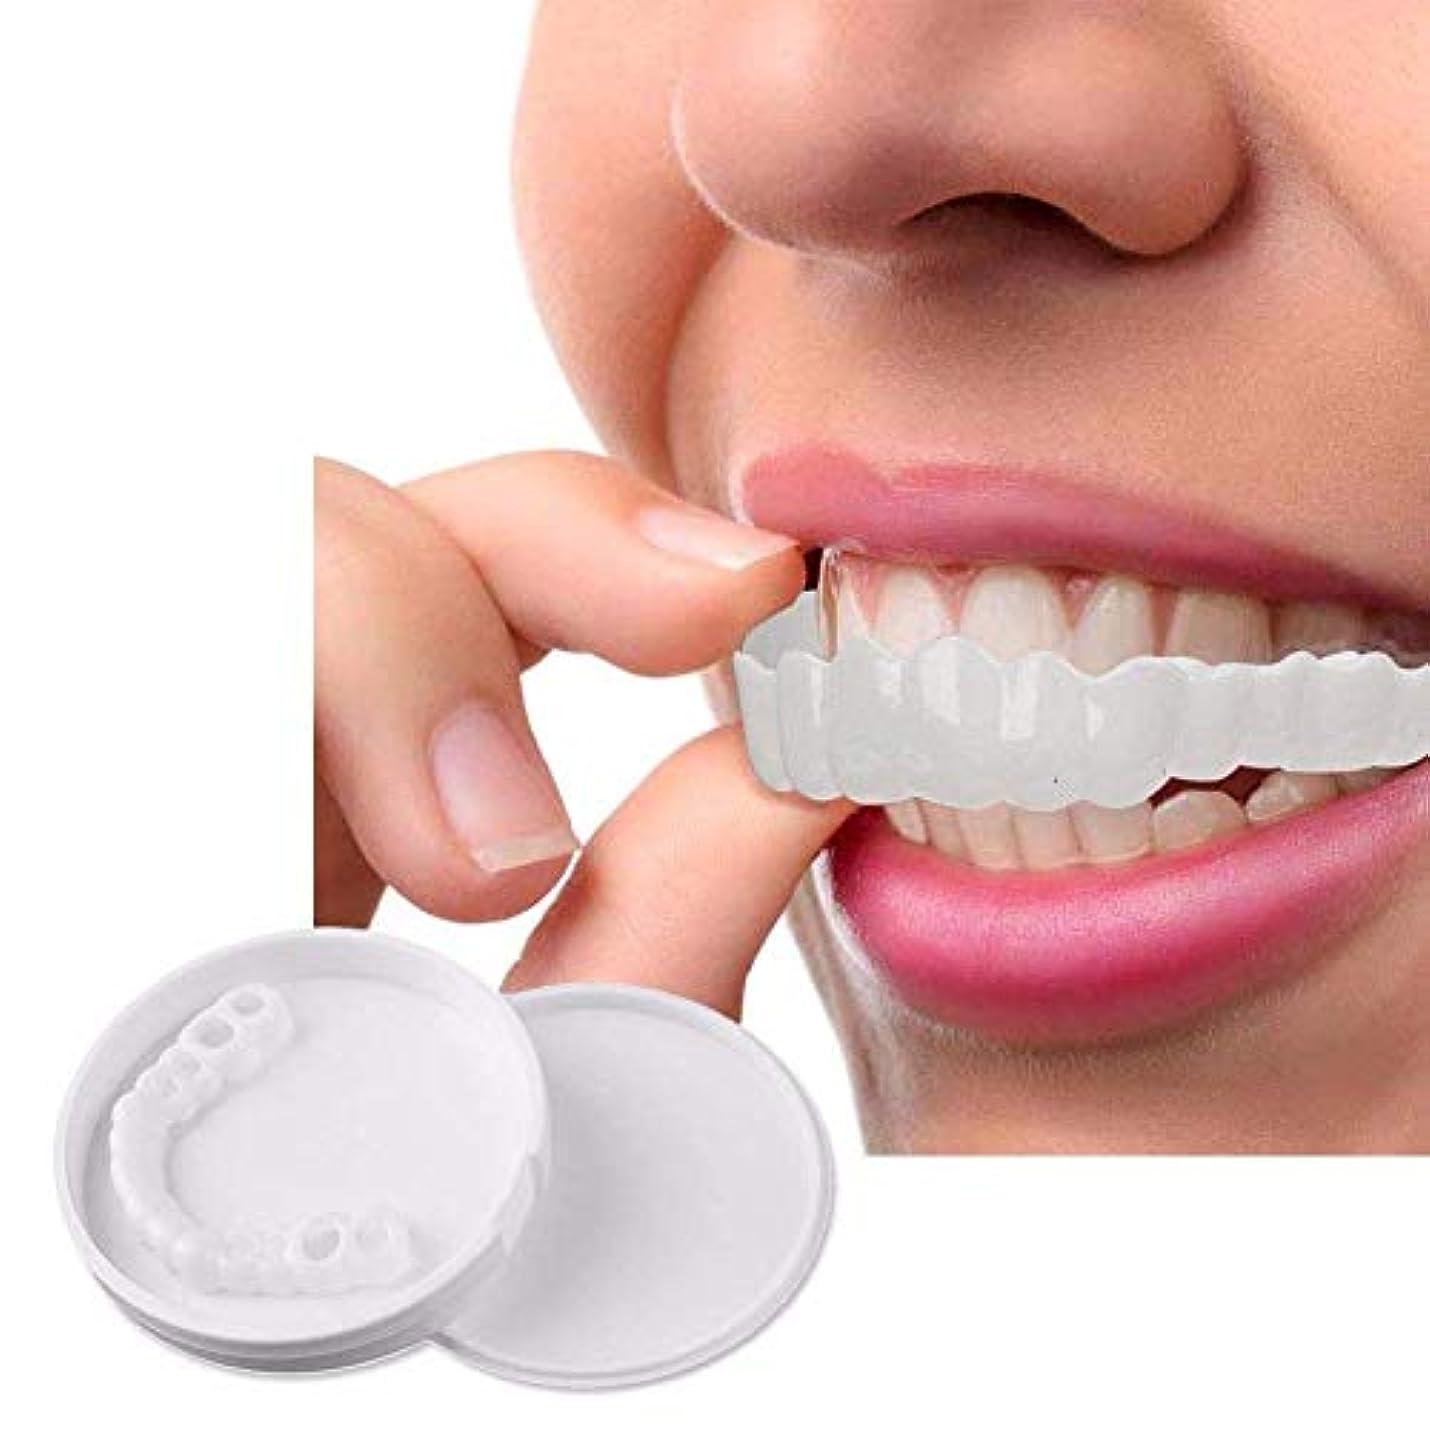 フリッパーレコーダー悪名高い10ピースホワイトニングスナップオンスマイルパーフェクトスマイルフィット最も快適な義歯ケア入れ歯歯科カバーでボックス,Upperteeth10Pcs